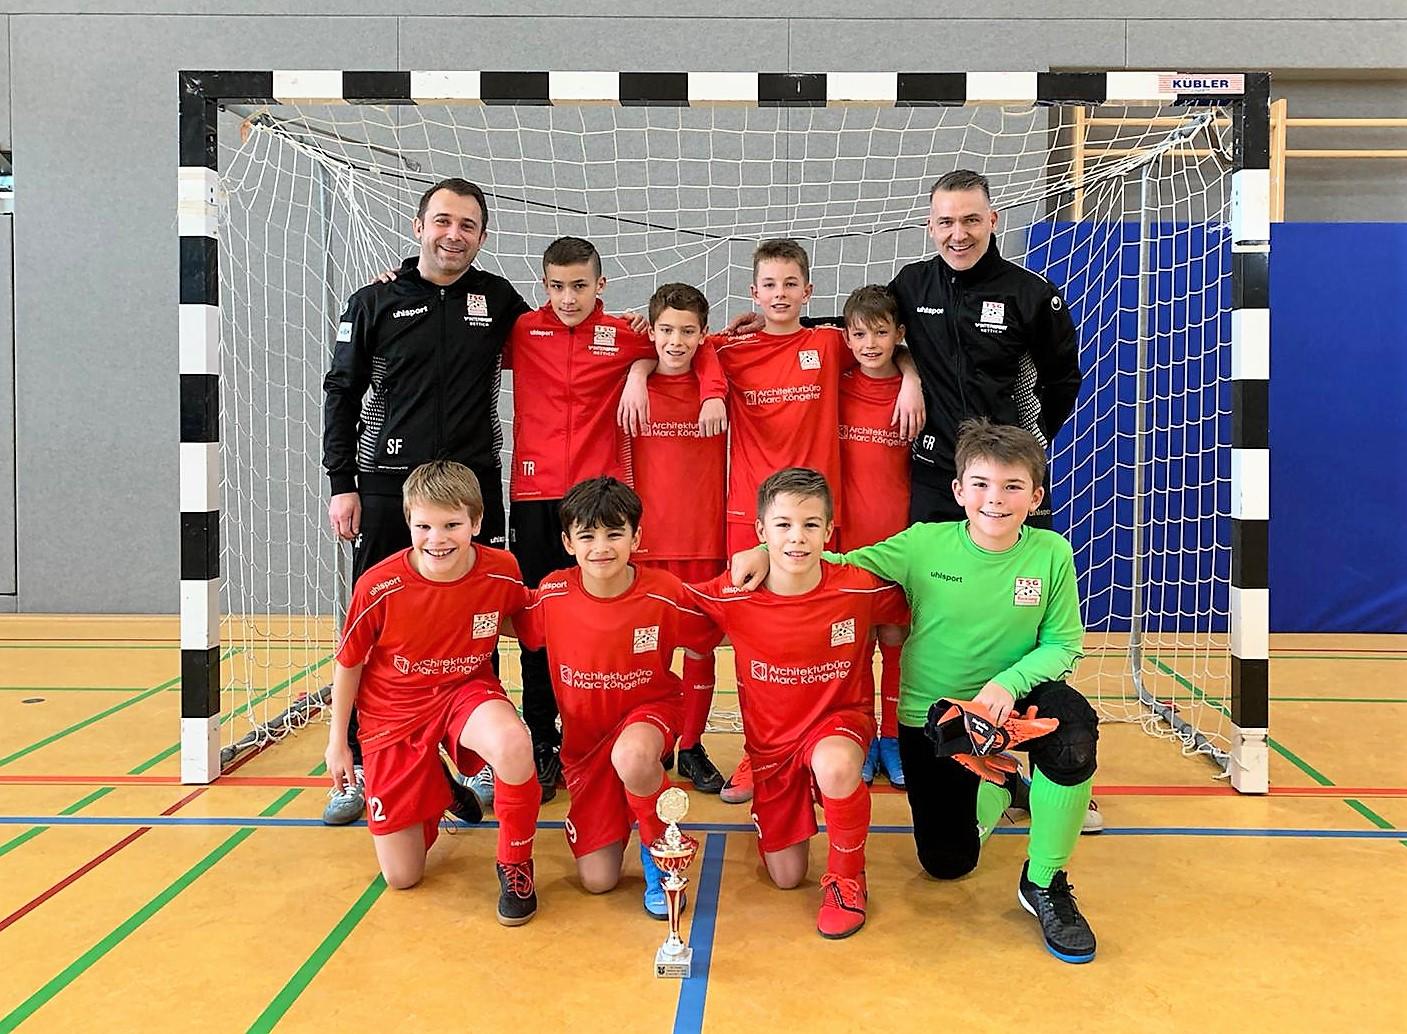 U12 gewinnt das Turnier in Urbach